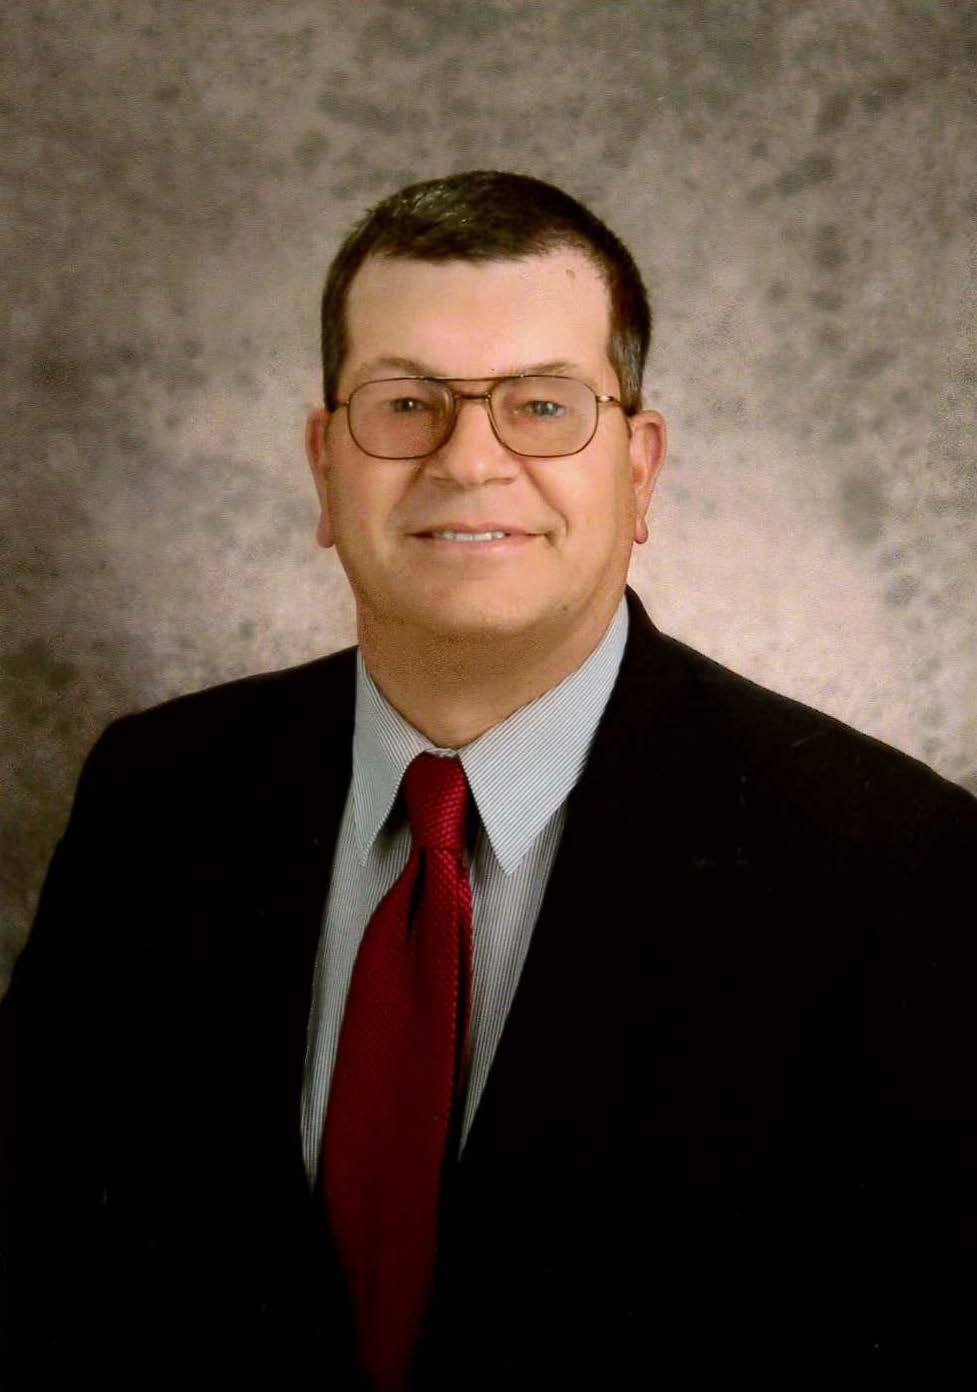 Kevin Hurst